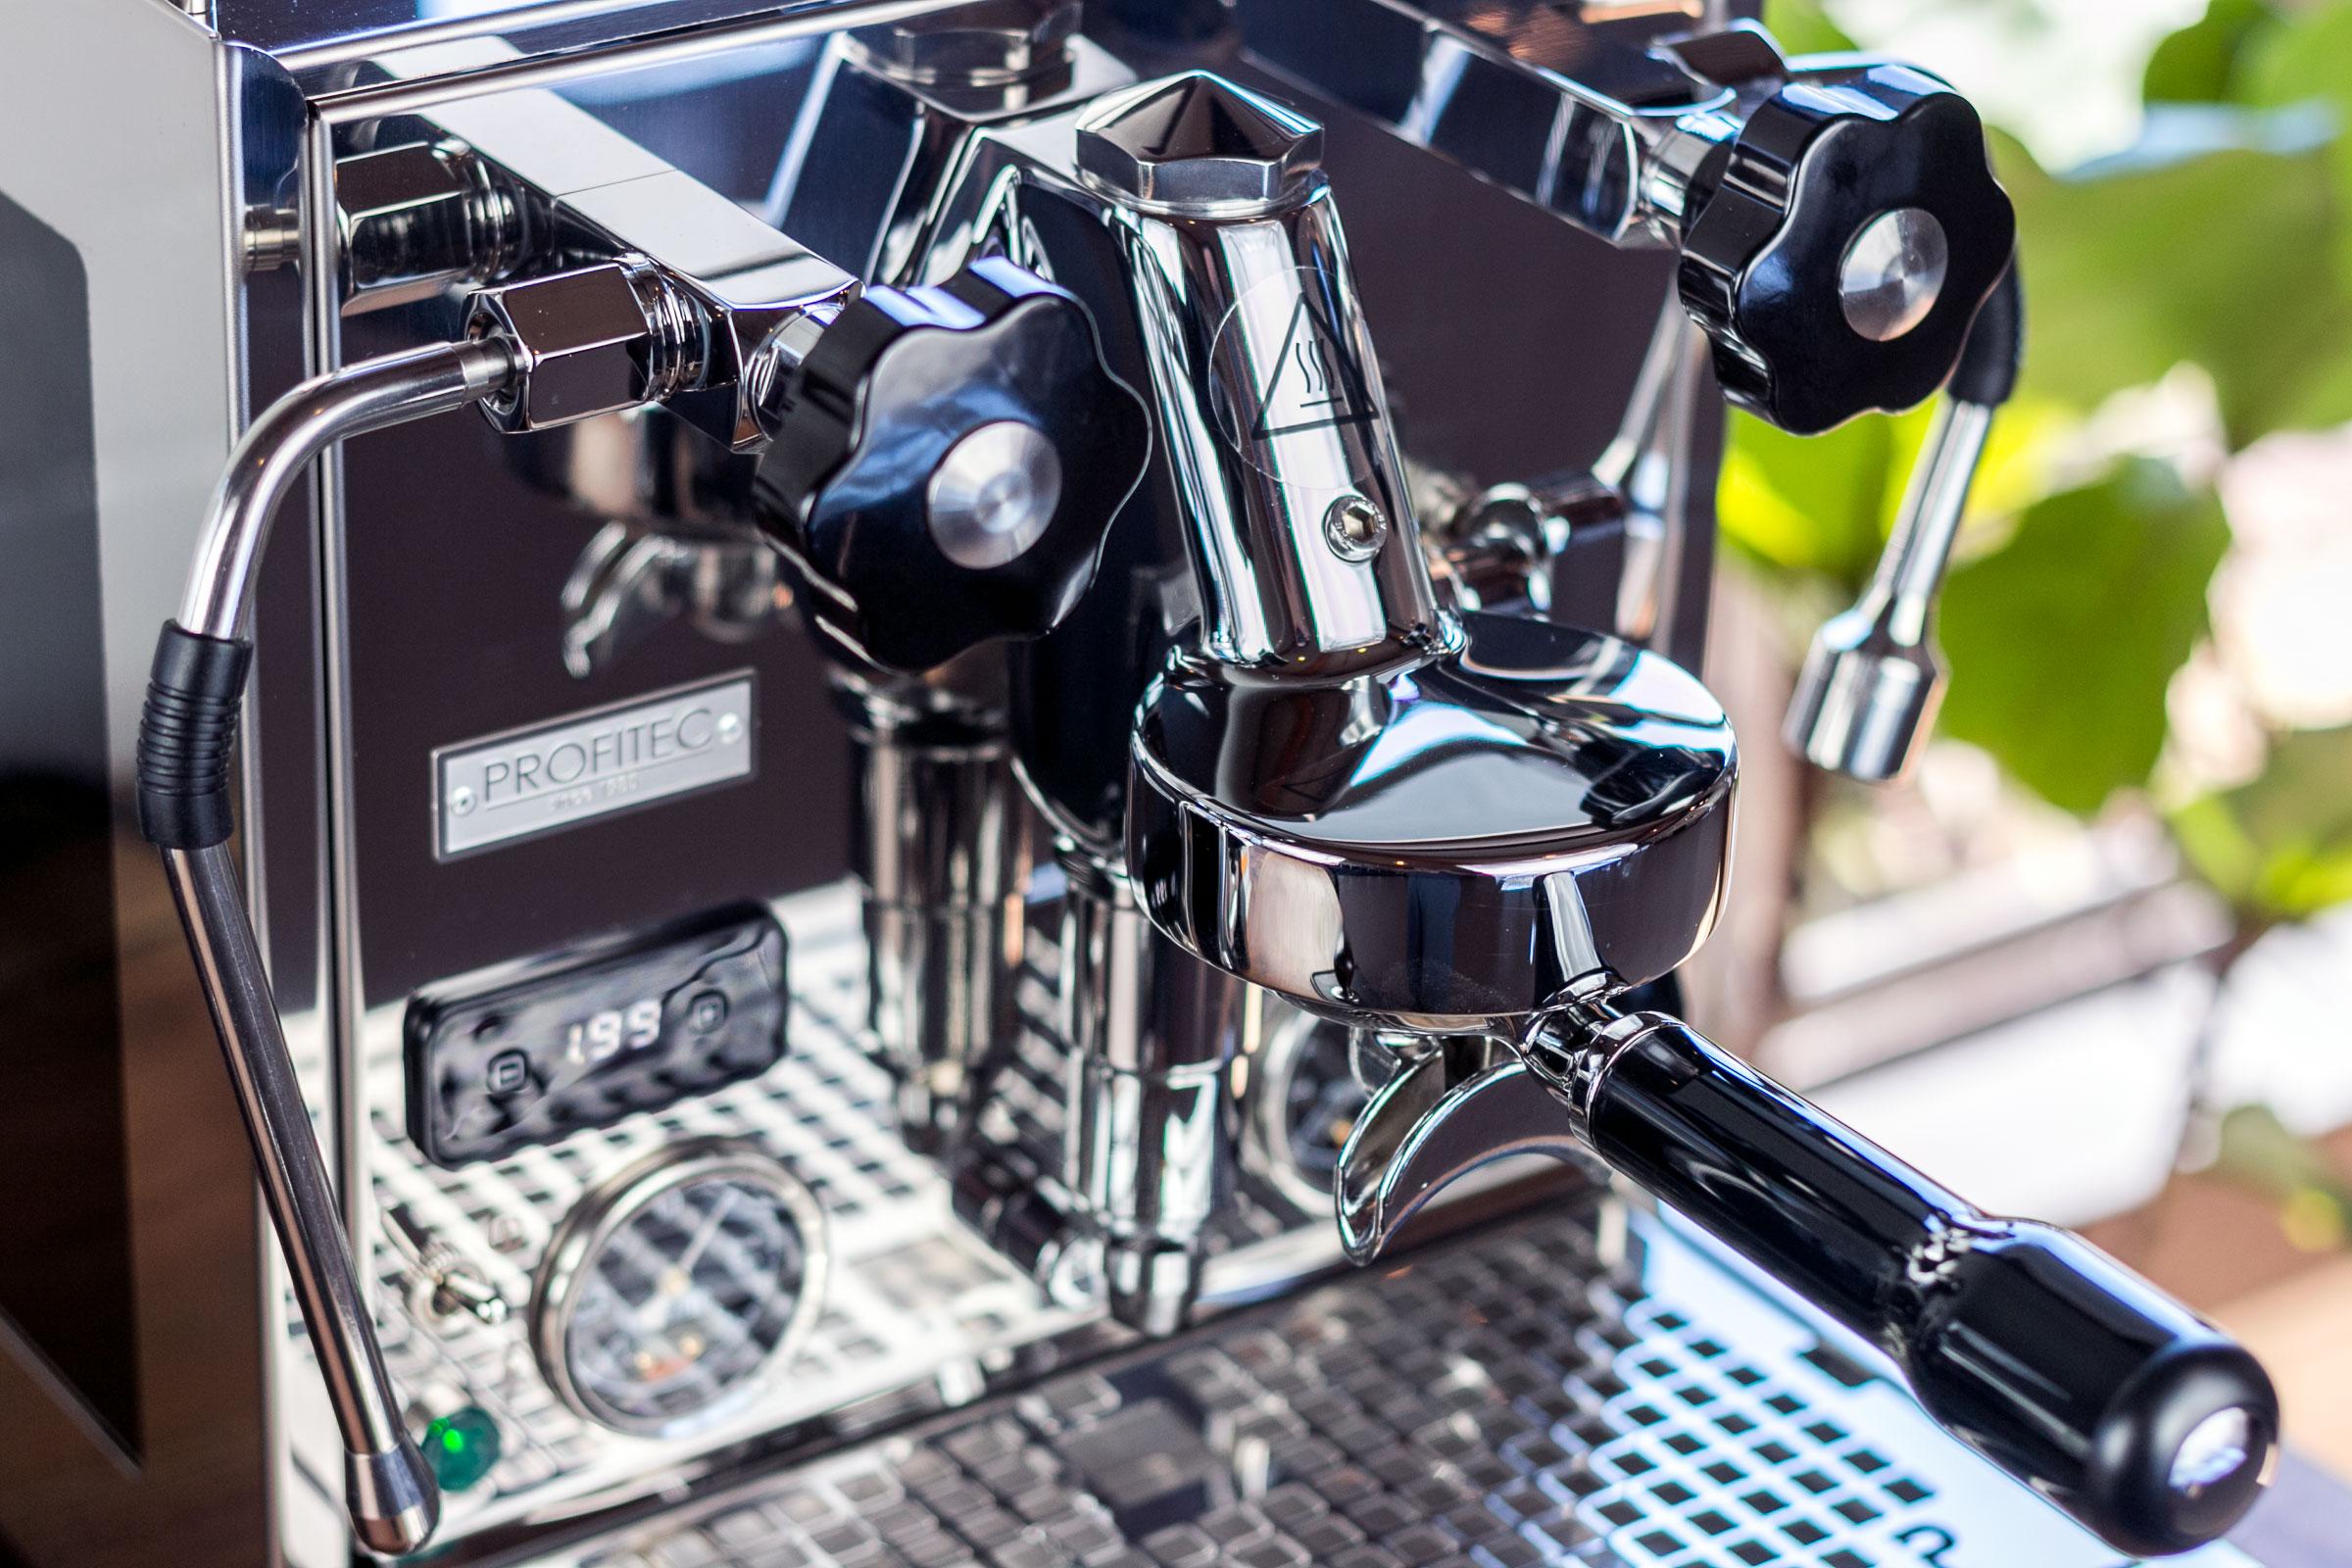 Profitec Pro 600 espresso machine